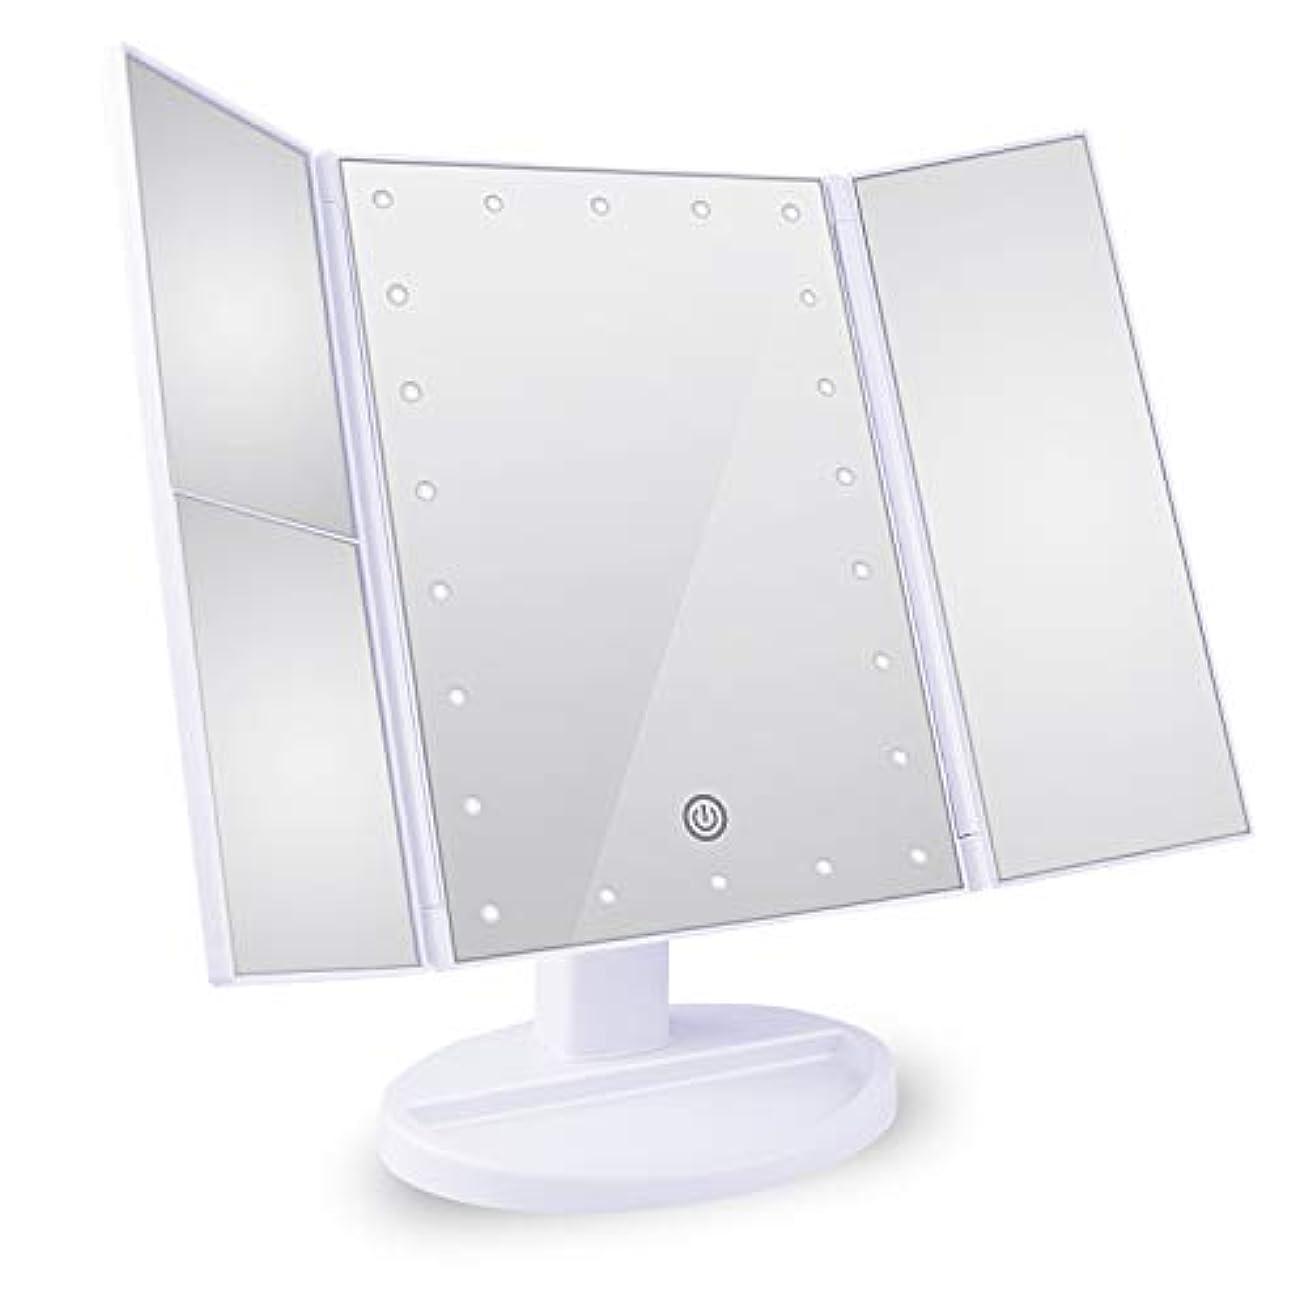 水銀のブース説得力のあるTree. NB 化粧鏡 卓上鏡 拡大鏡 鏡 メイクミラー 2倍&3倍拡大可能 LEDライトミラー 明るさ調節可能 180°回転 電池&USB 2WAY給電